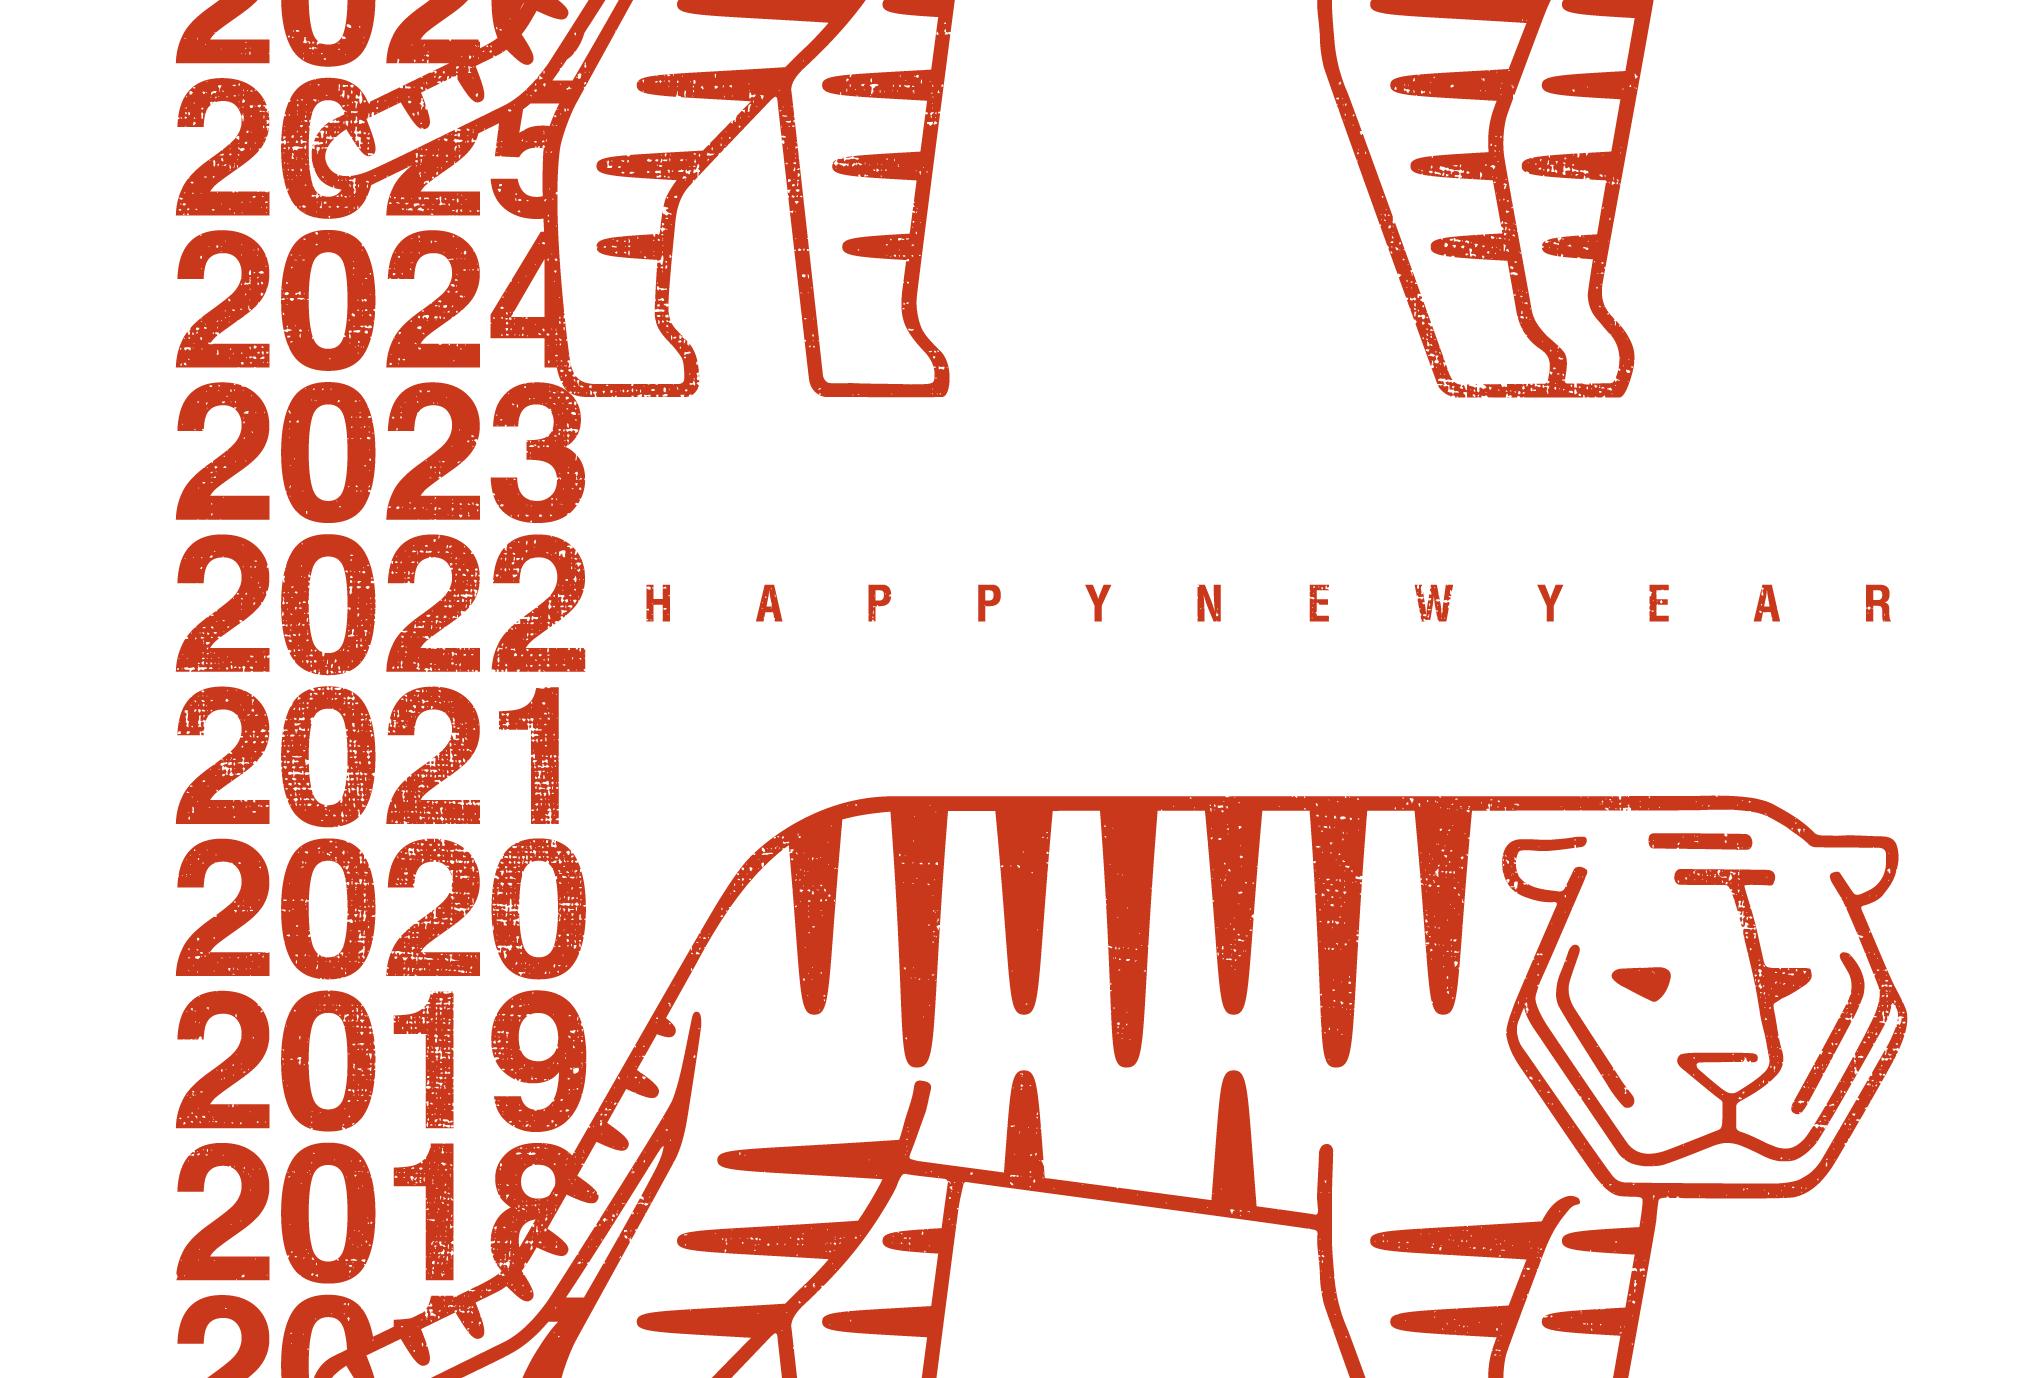 2022年賀状05-2:寅 Slide 2022 / 立虎(赤)のダウンロード画像